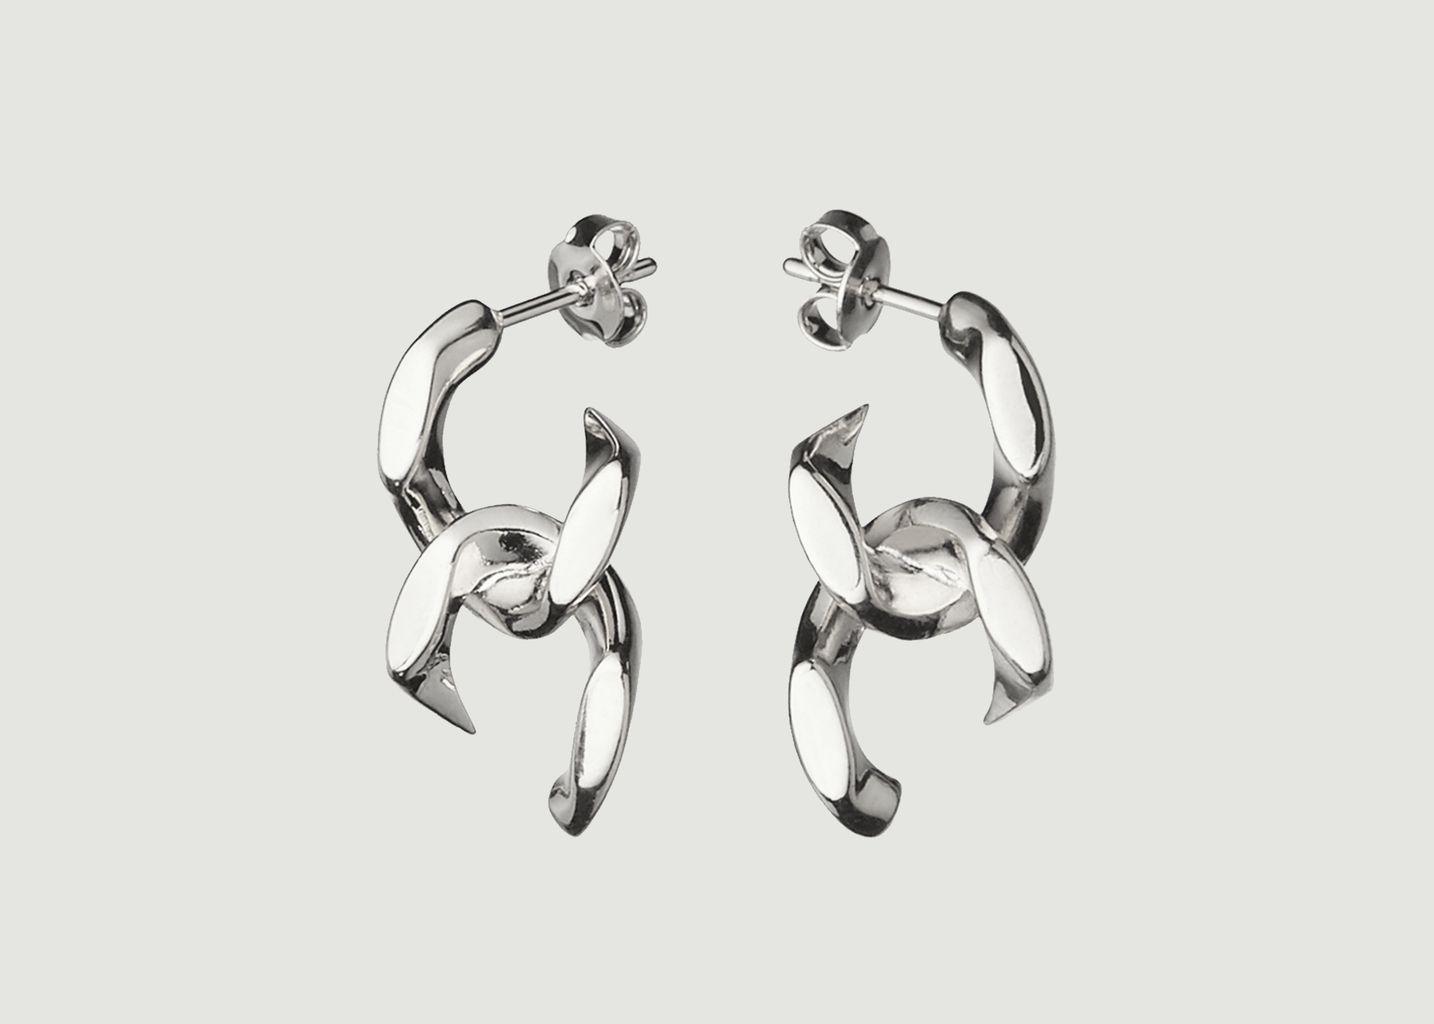 Boucles d'Oreilles Tiny Déchainée - Annelise Michelson